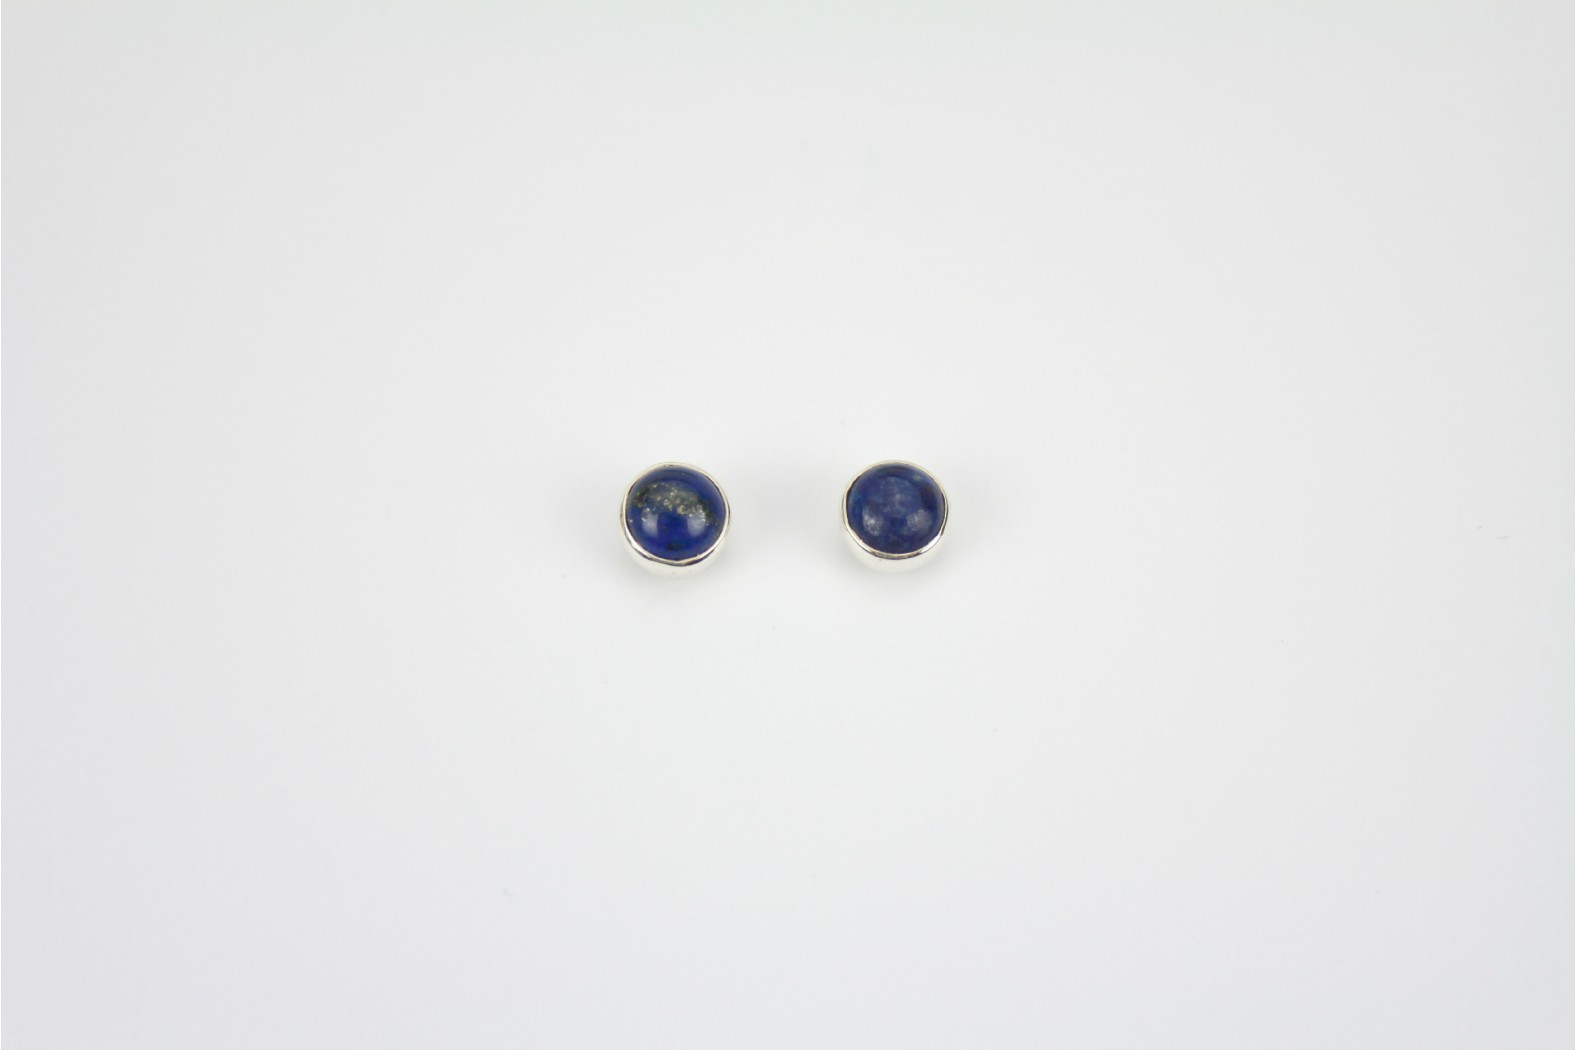 Circular Lapis stud earrings encased in silver mounting